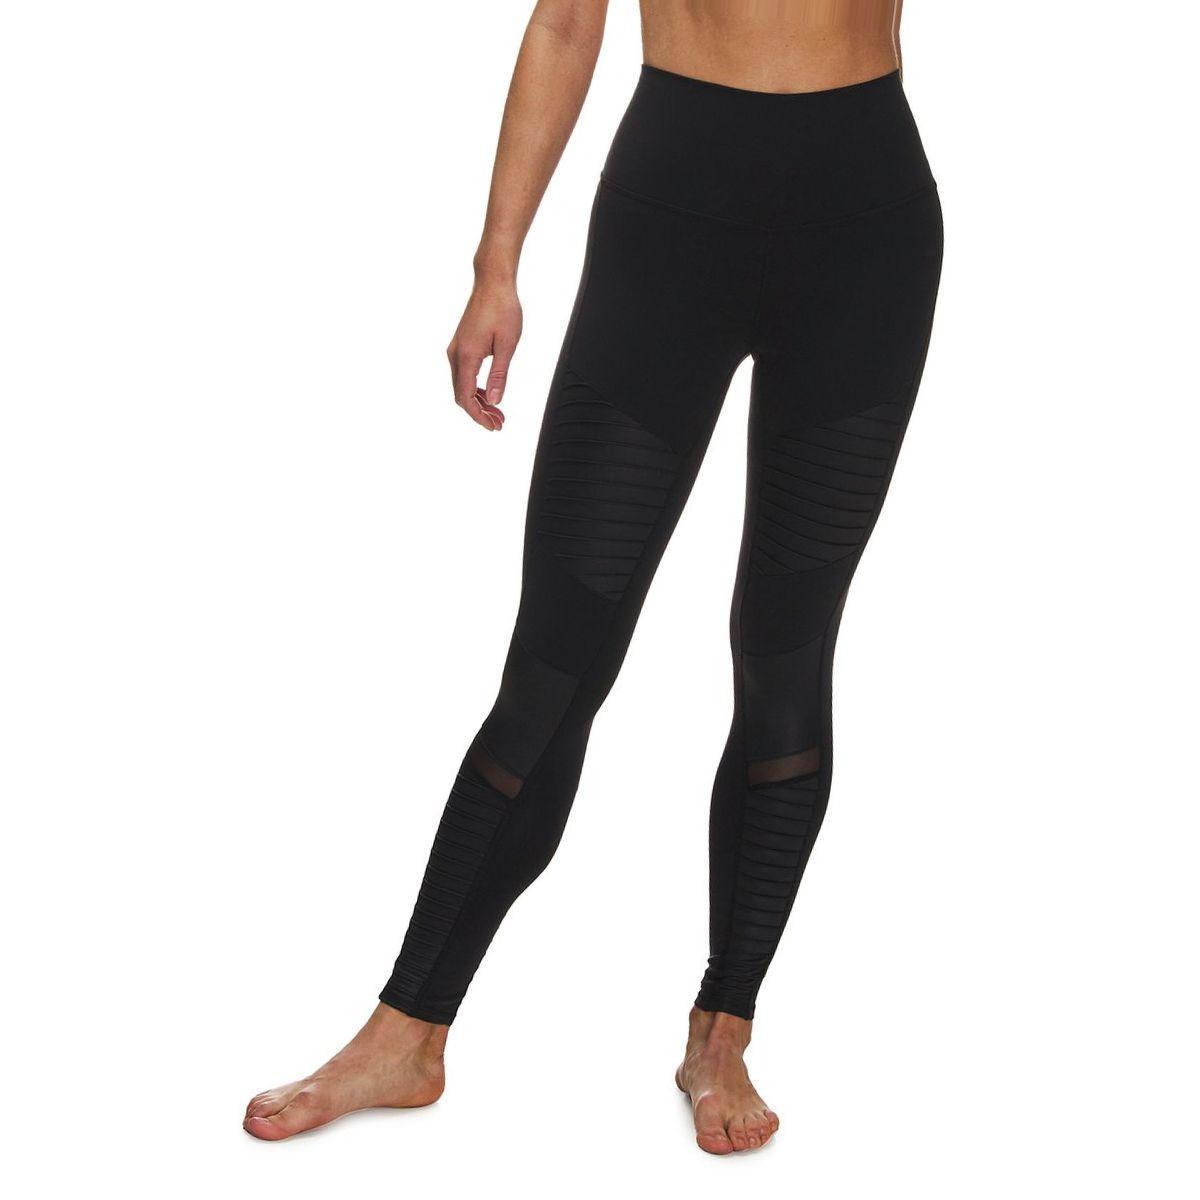 Alo Yoga 7/8 HW Moto Legging - Women's